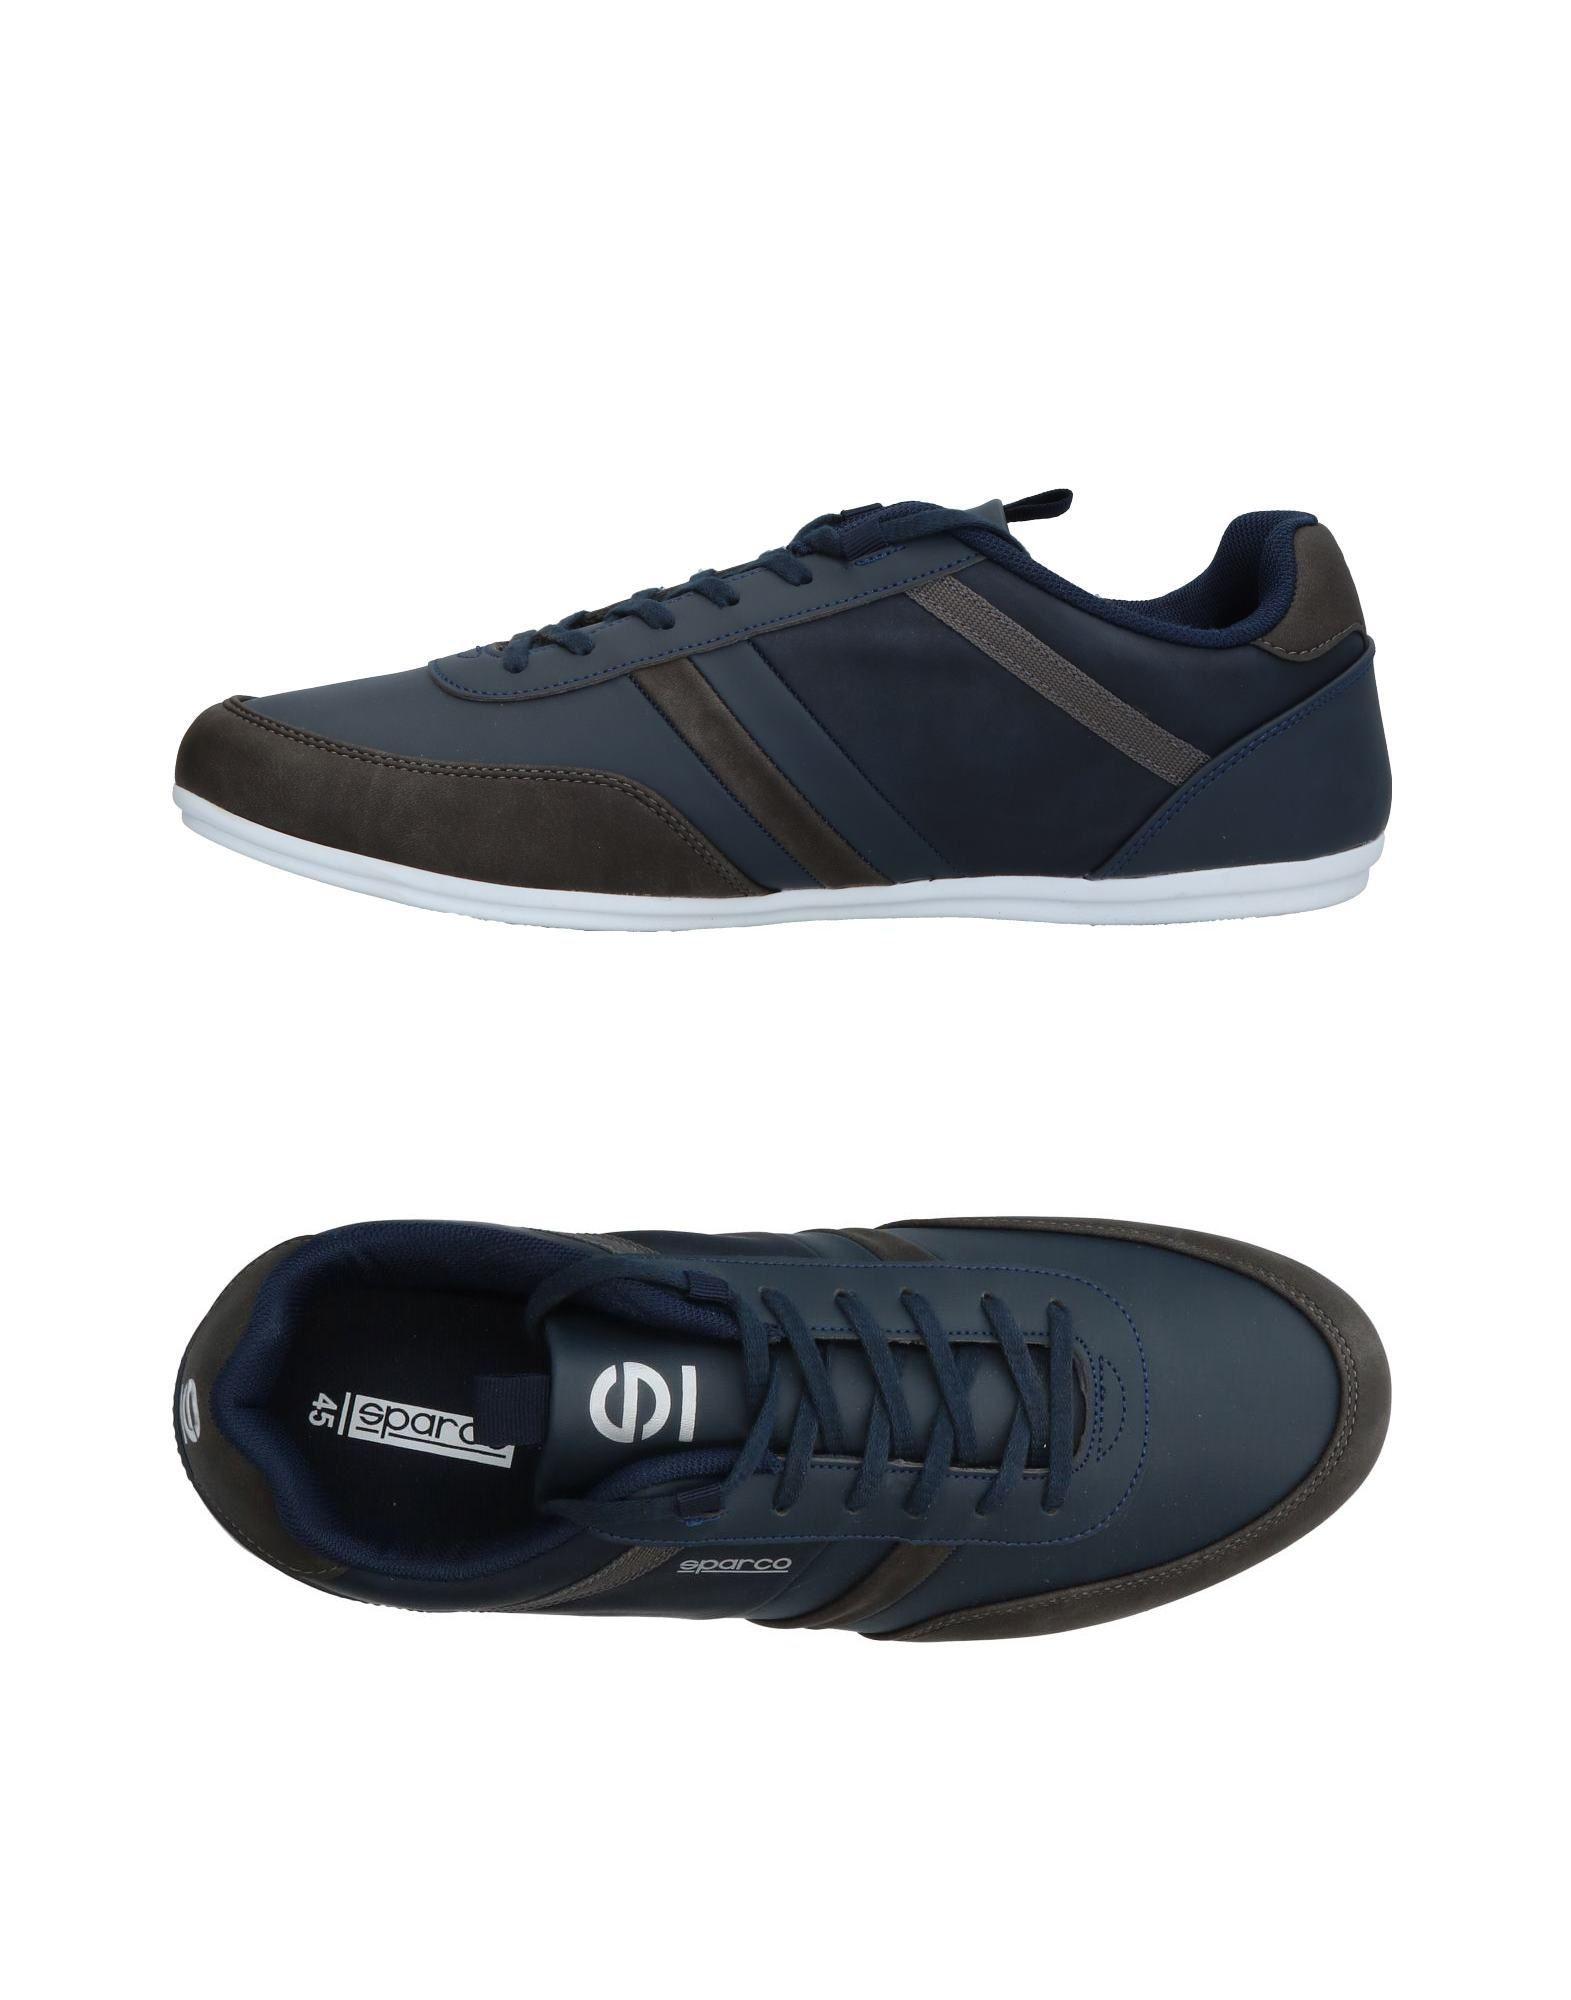 Rabatt echte Schuhe Sparco Sneakers Herren  11340470KD